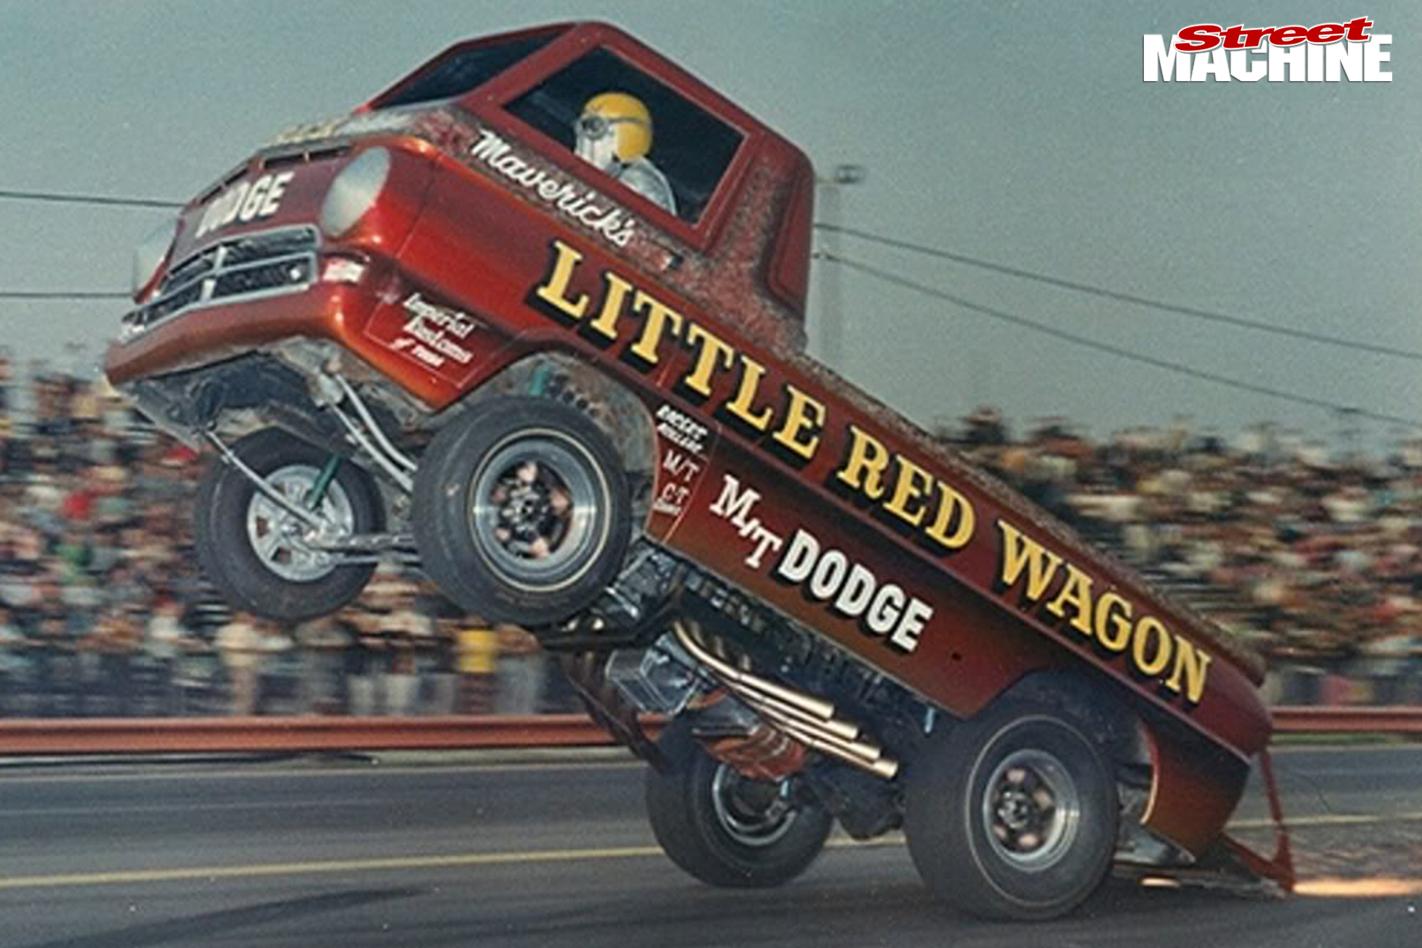 Bill -golden -maverick -little -red -wagon -wm